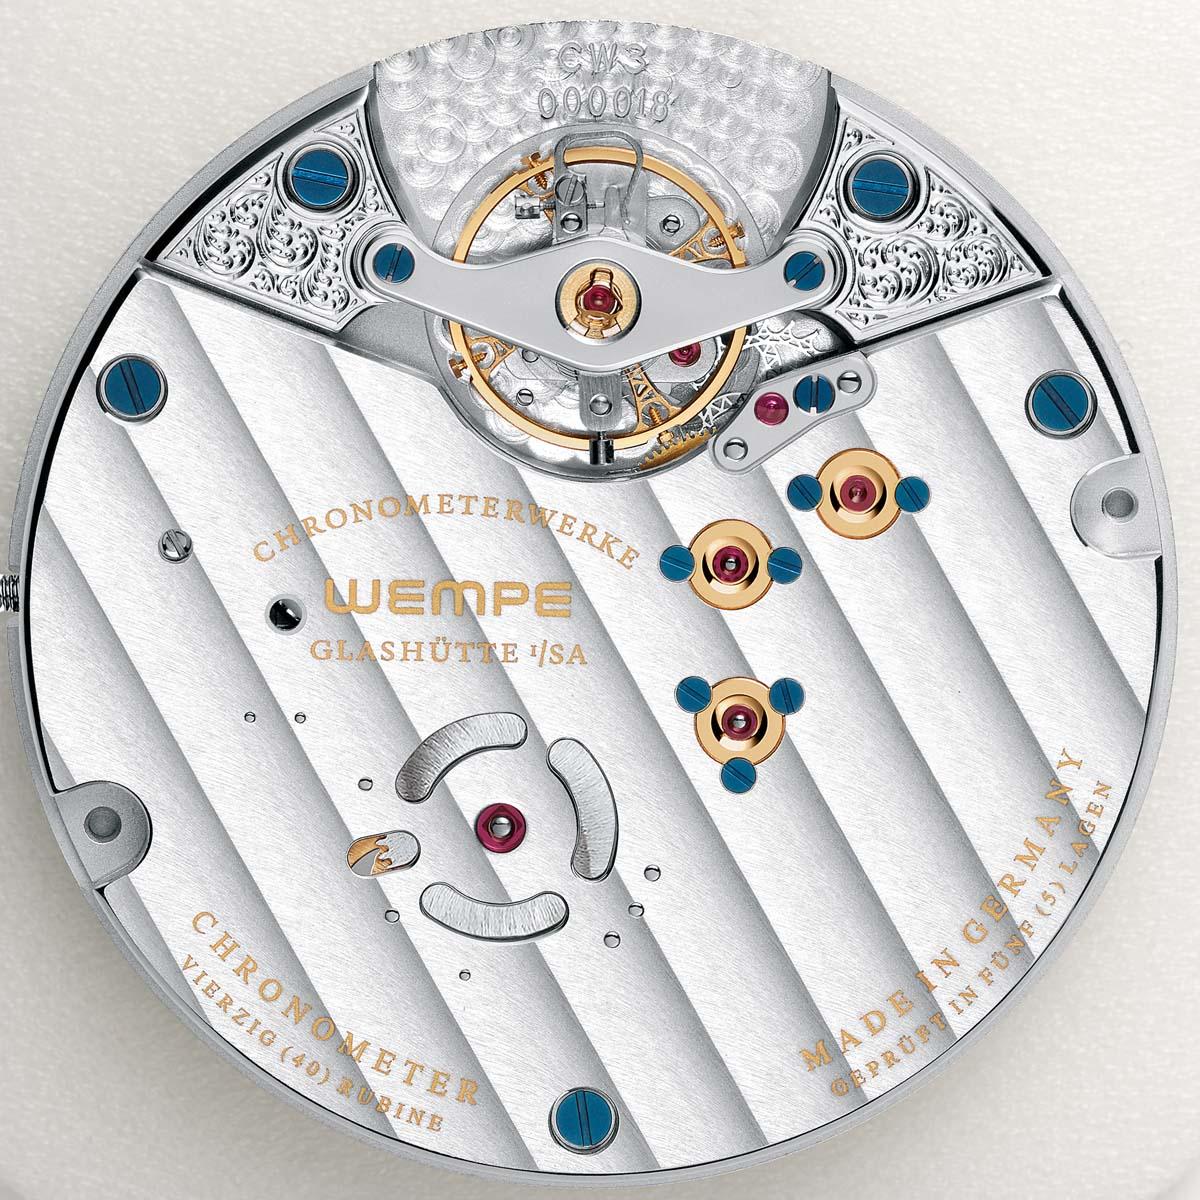 La Cote des Montres : Photo - Wempe Chronometerwerke Glashütte I/SA